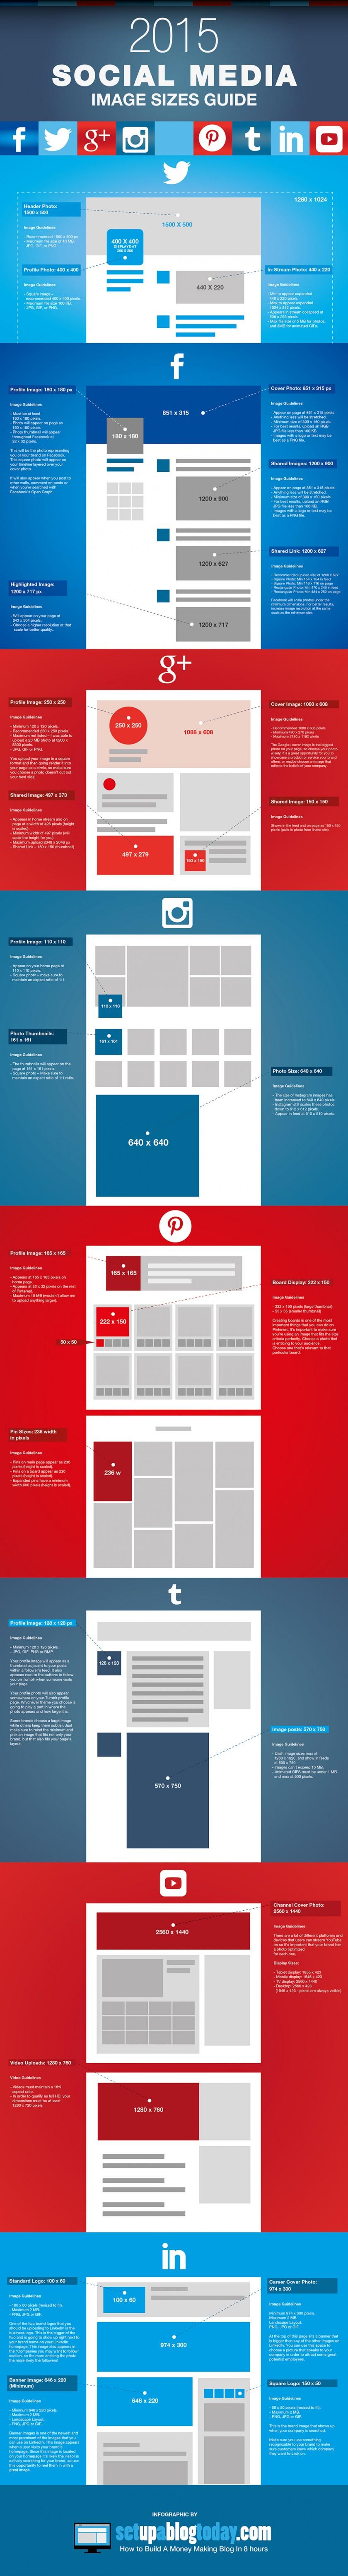 Dimensions-medias-sociaux-Janvier-2015-setupablogtoday.